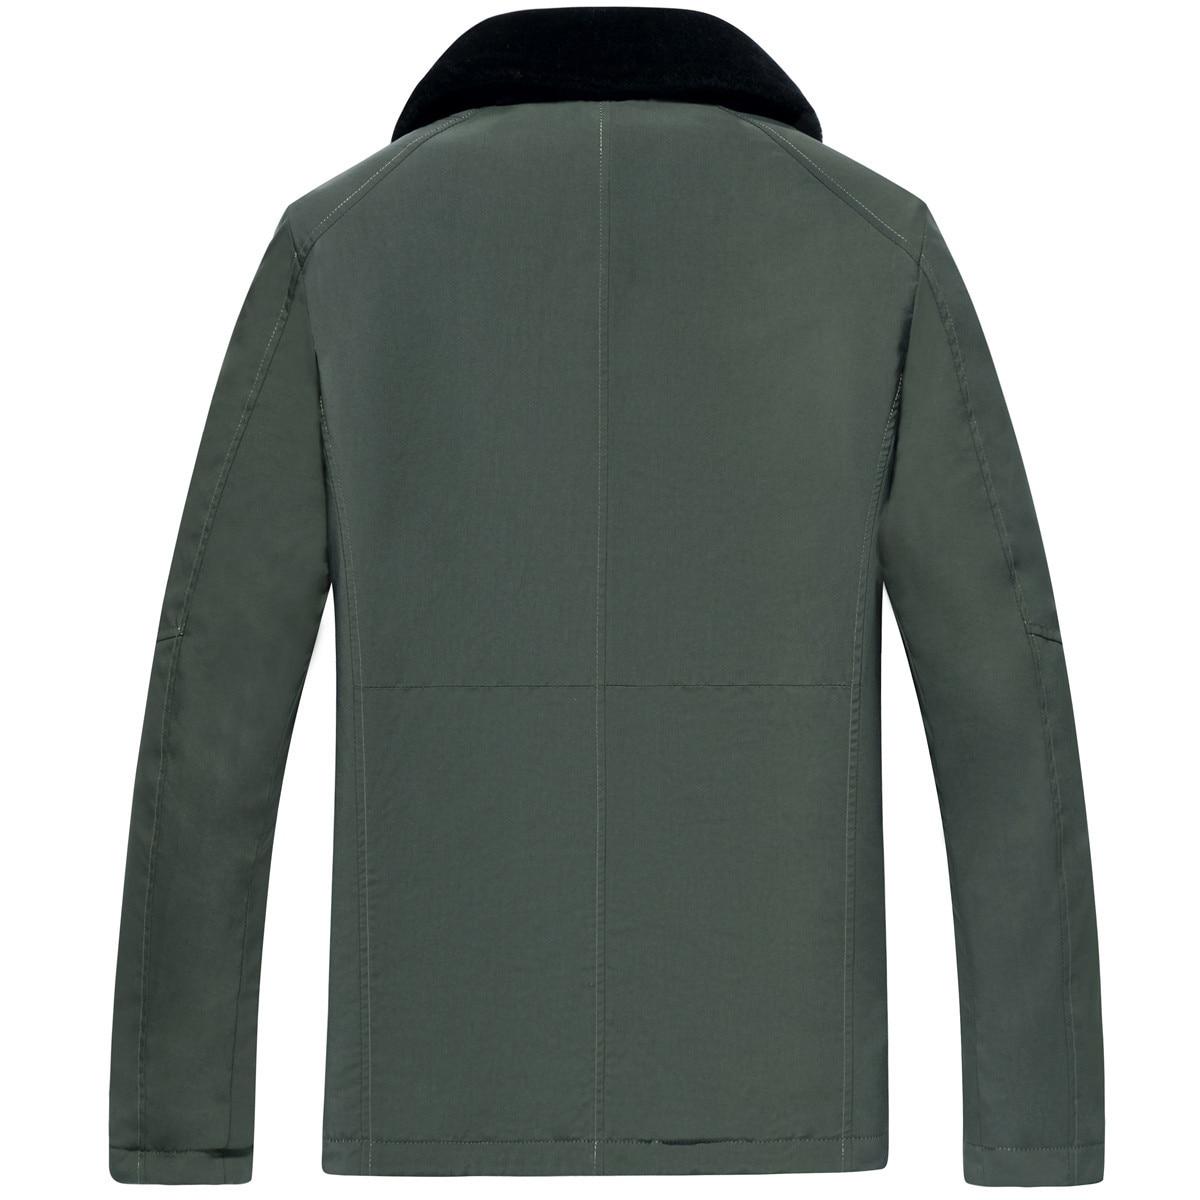 Real Coat Men's Winter Jacket 100% Wool Fur Liner Parka Men Double-side Wear Warm Parkas Plus Size Veste LSY022302 MY1221